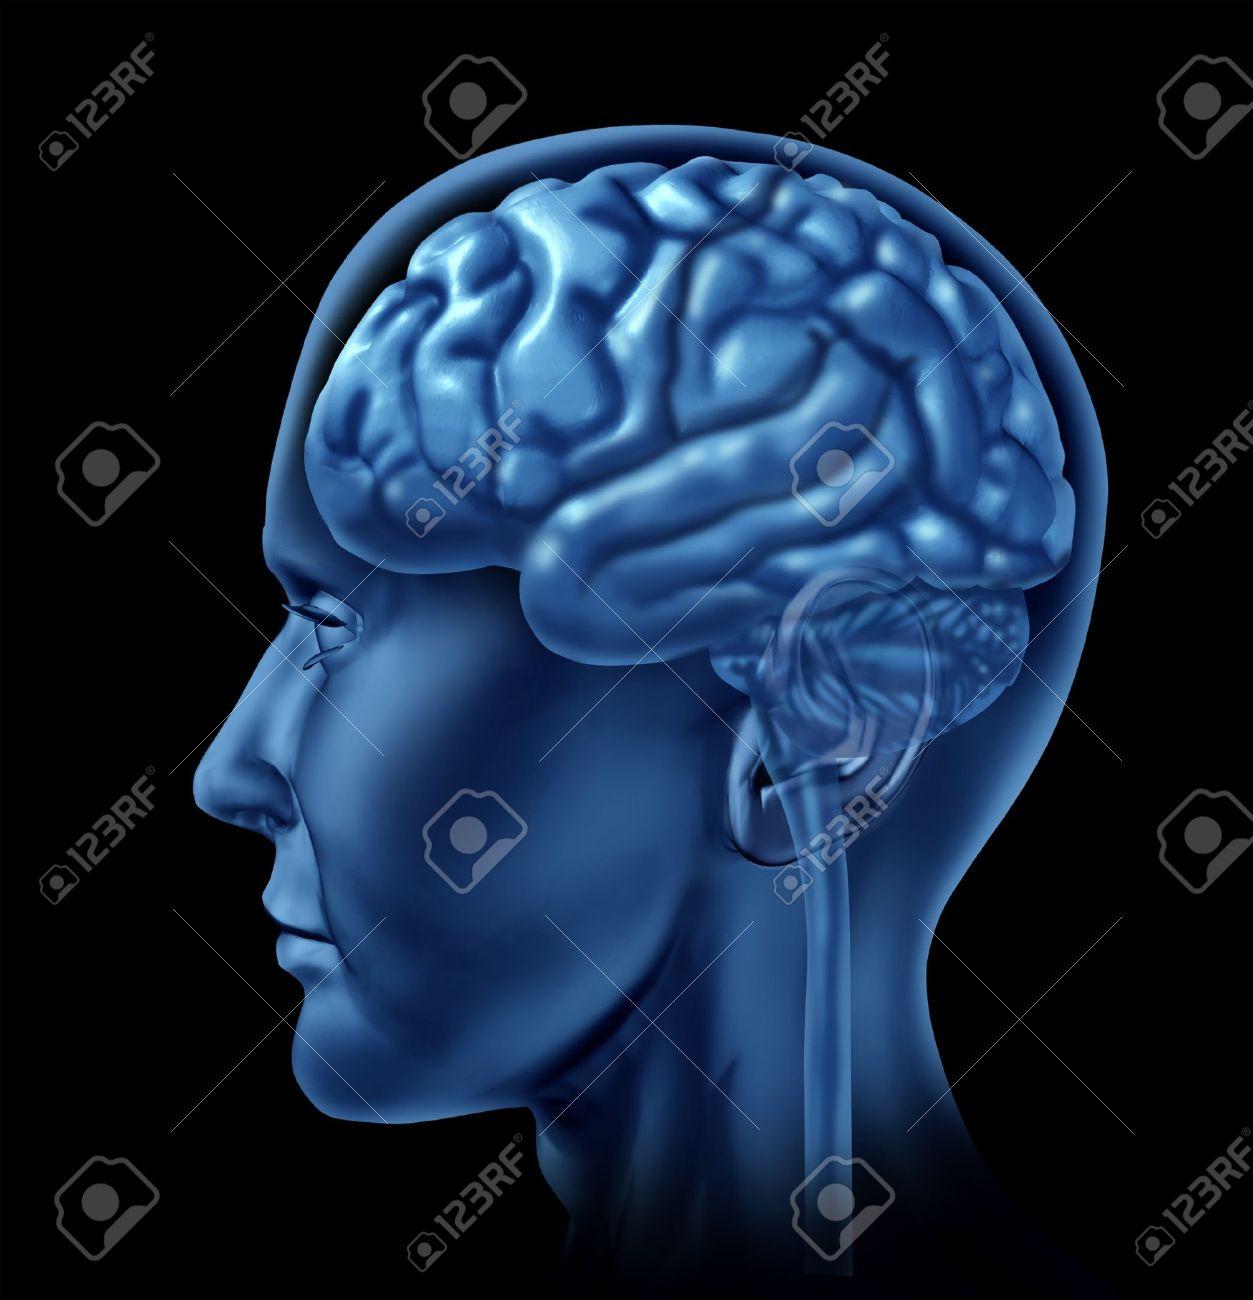 El Cerebro Humano Como Una Vista Lateral Del órgano Neurológico ...